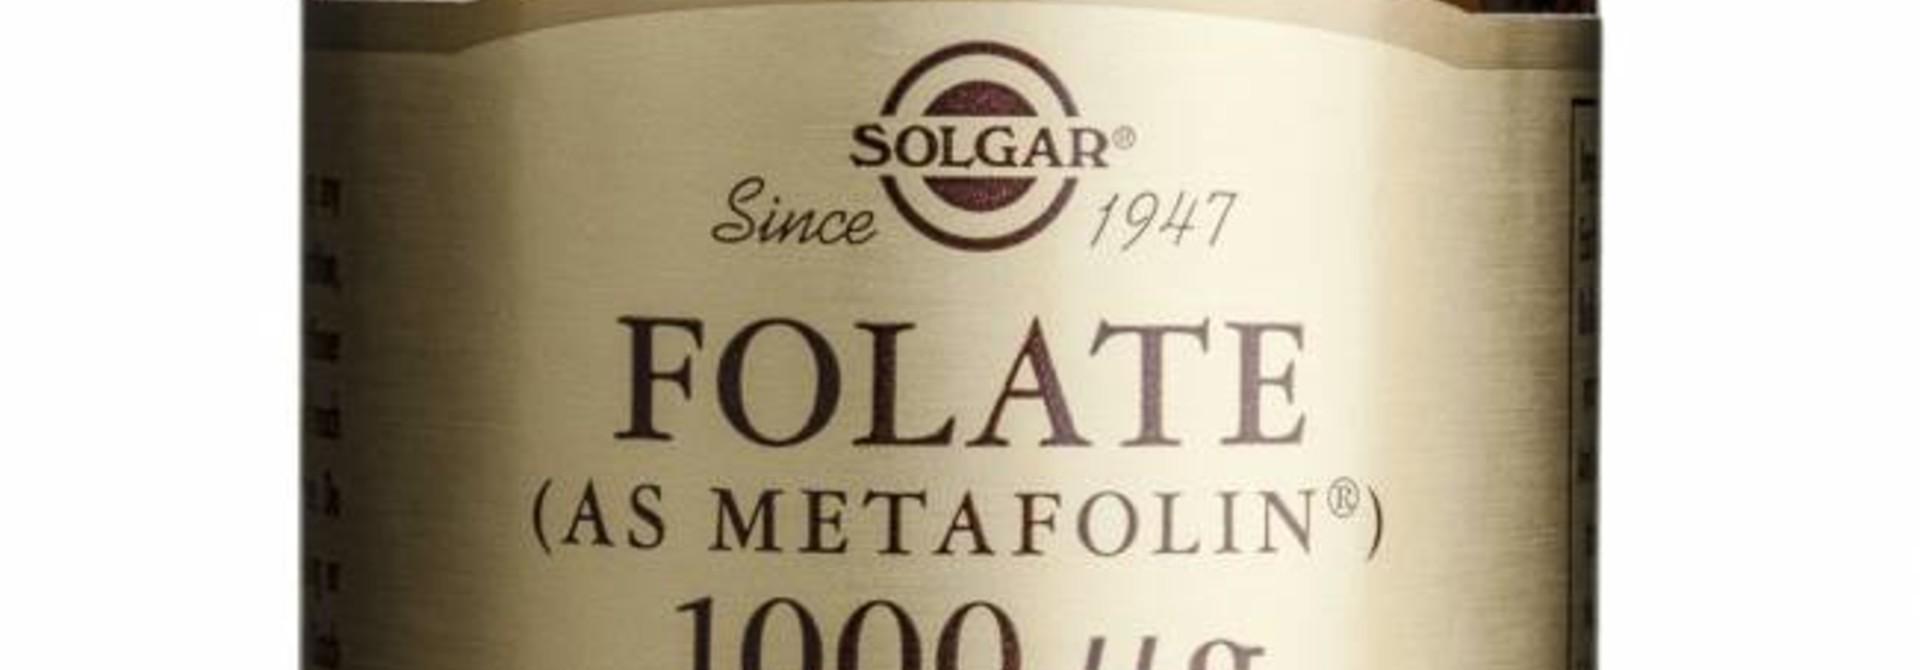 Folate 1000 µg 60 tabletten